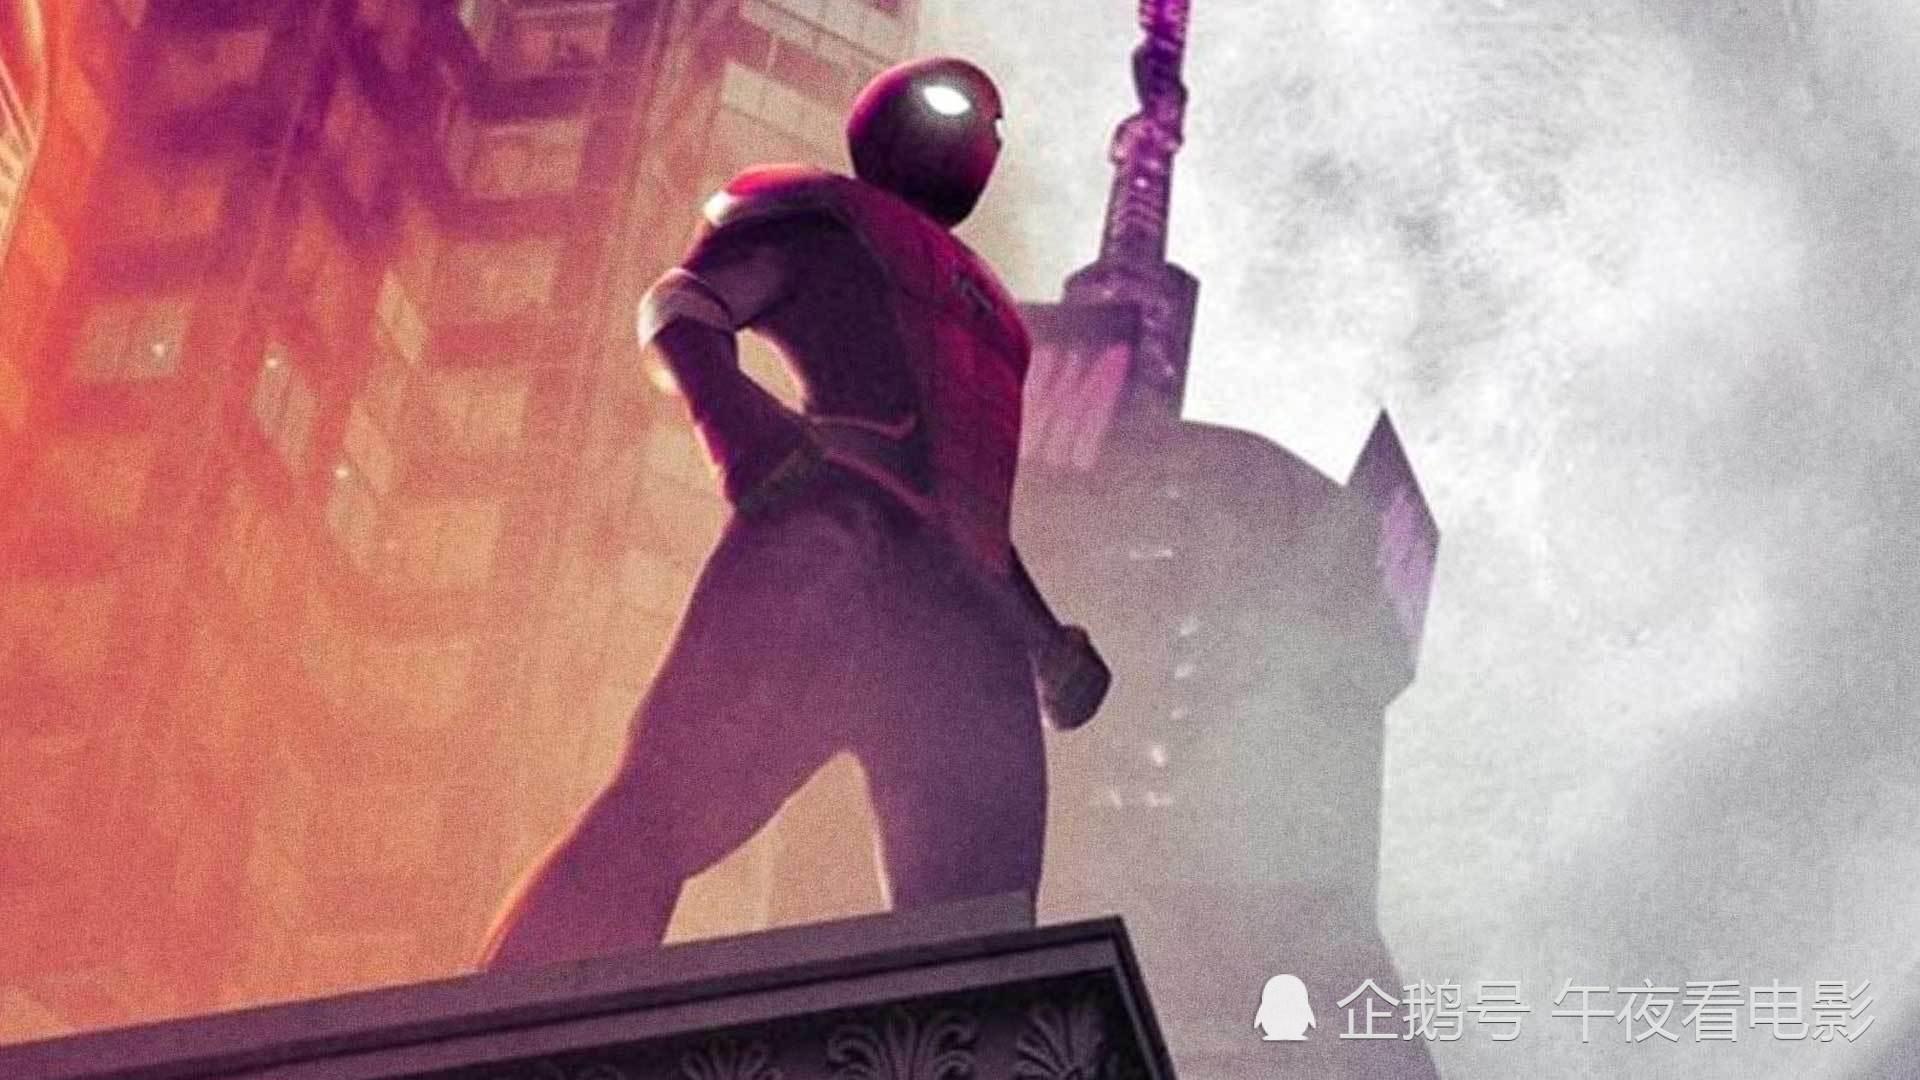 《蜘蛛侠:英雄远征》全球票房突破10亿美元,恭喜荷兰弟!